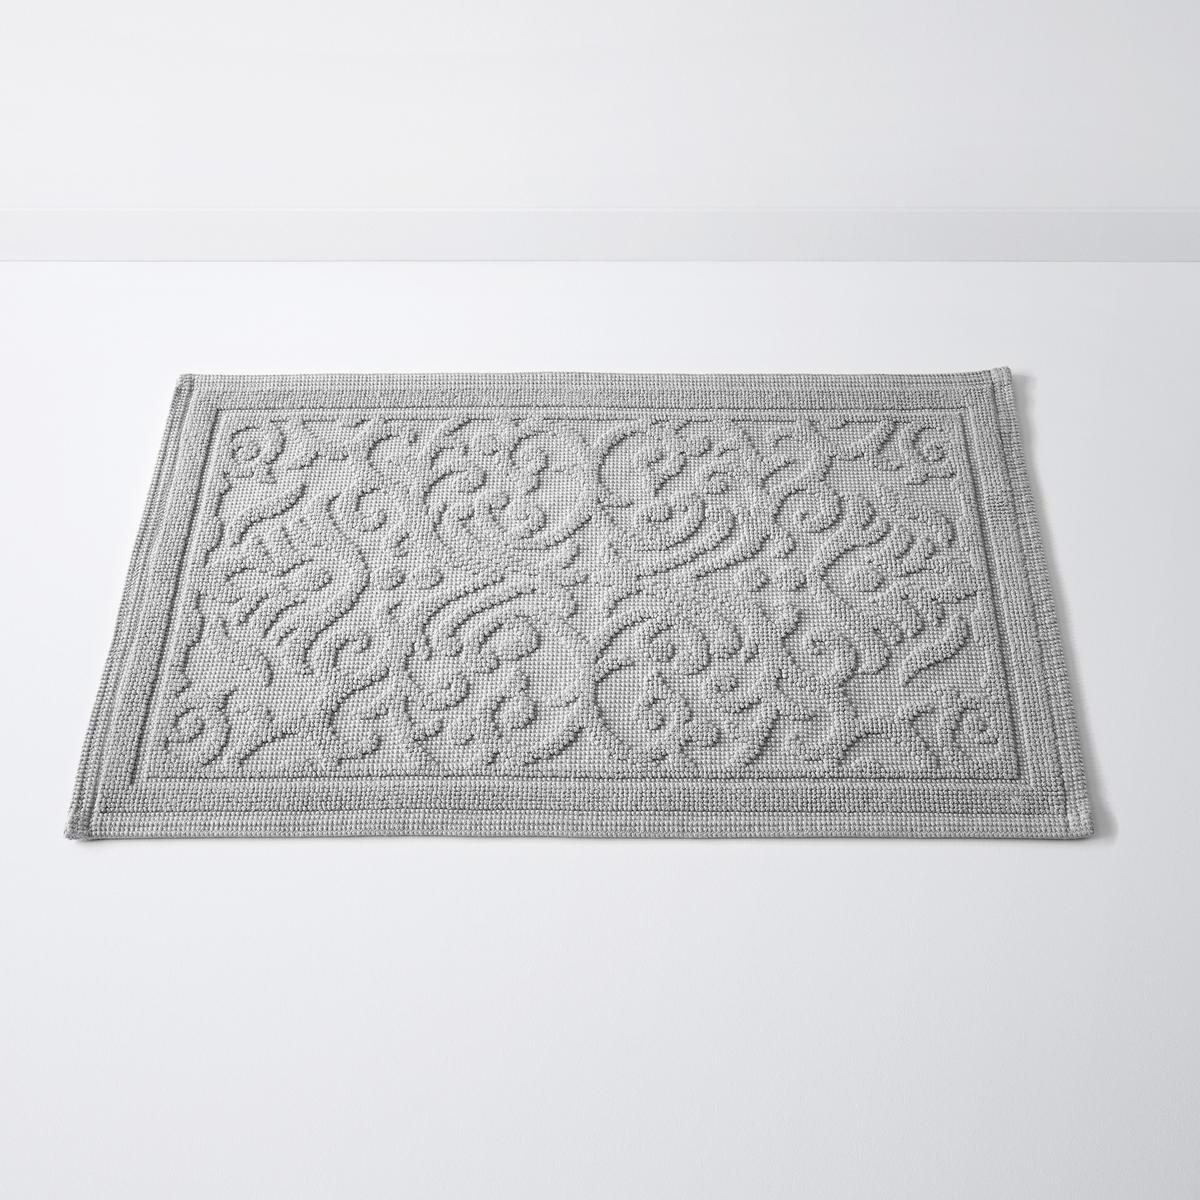 Коврик для ваннойс рельефным рисункомDAMASK, 100% хлопок (1500 г/м?)Коврик для ванной, качество Best, с рельефным рисунком, 100% хлопок. Изысканный рельефный рисунок украшает этот коврик для ванной, который принесет в Вашу ванную комнату 100% декора высшего класса и 100% качества Best! Характеристики:Материал: 100% хлопок (1500 г/м?).Противоскользящее покрытие с изнанки.Уход:Машинная стирка при 60°С.Размеры:50 x 70 см.<br><br>Цвет: бледно-розовый,серо-синий<br>Размер: 50 x 80  см.50 x 80  см